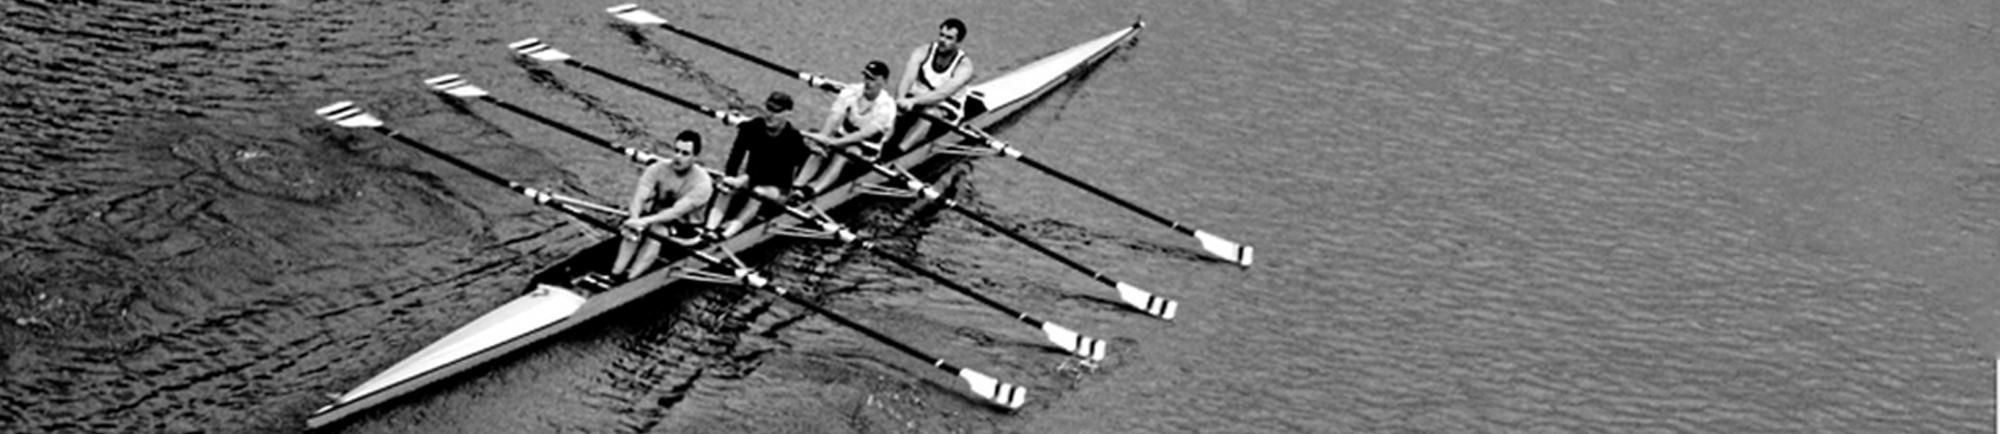 boat-2000x434